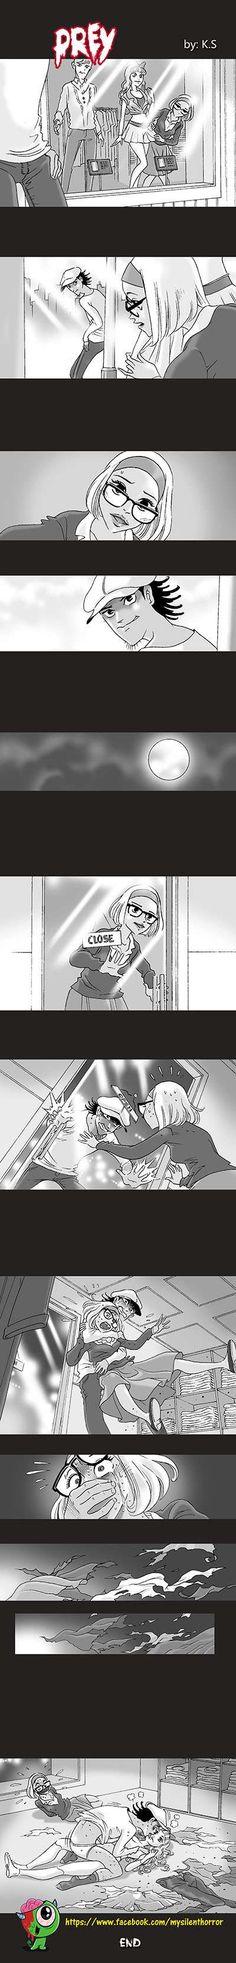 Silent Horror :: Prey   Tapastic Comics - image 1